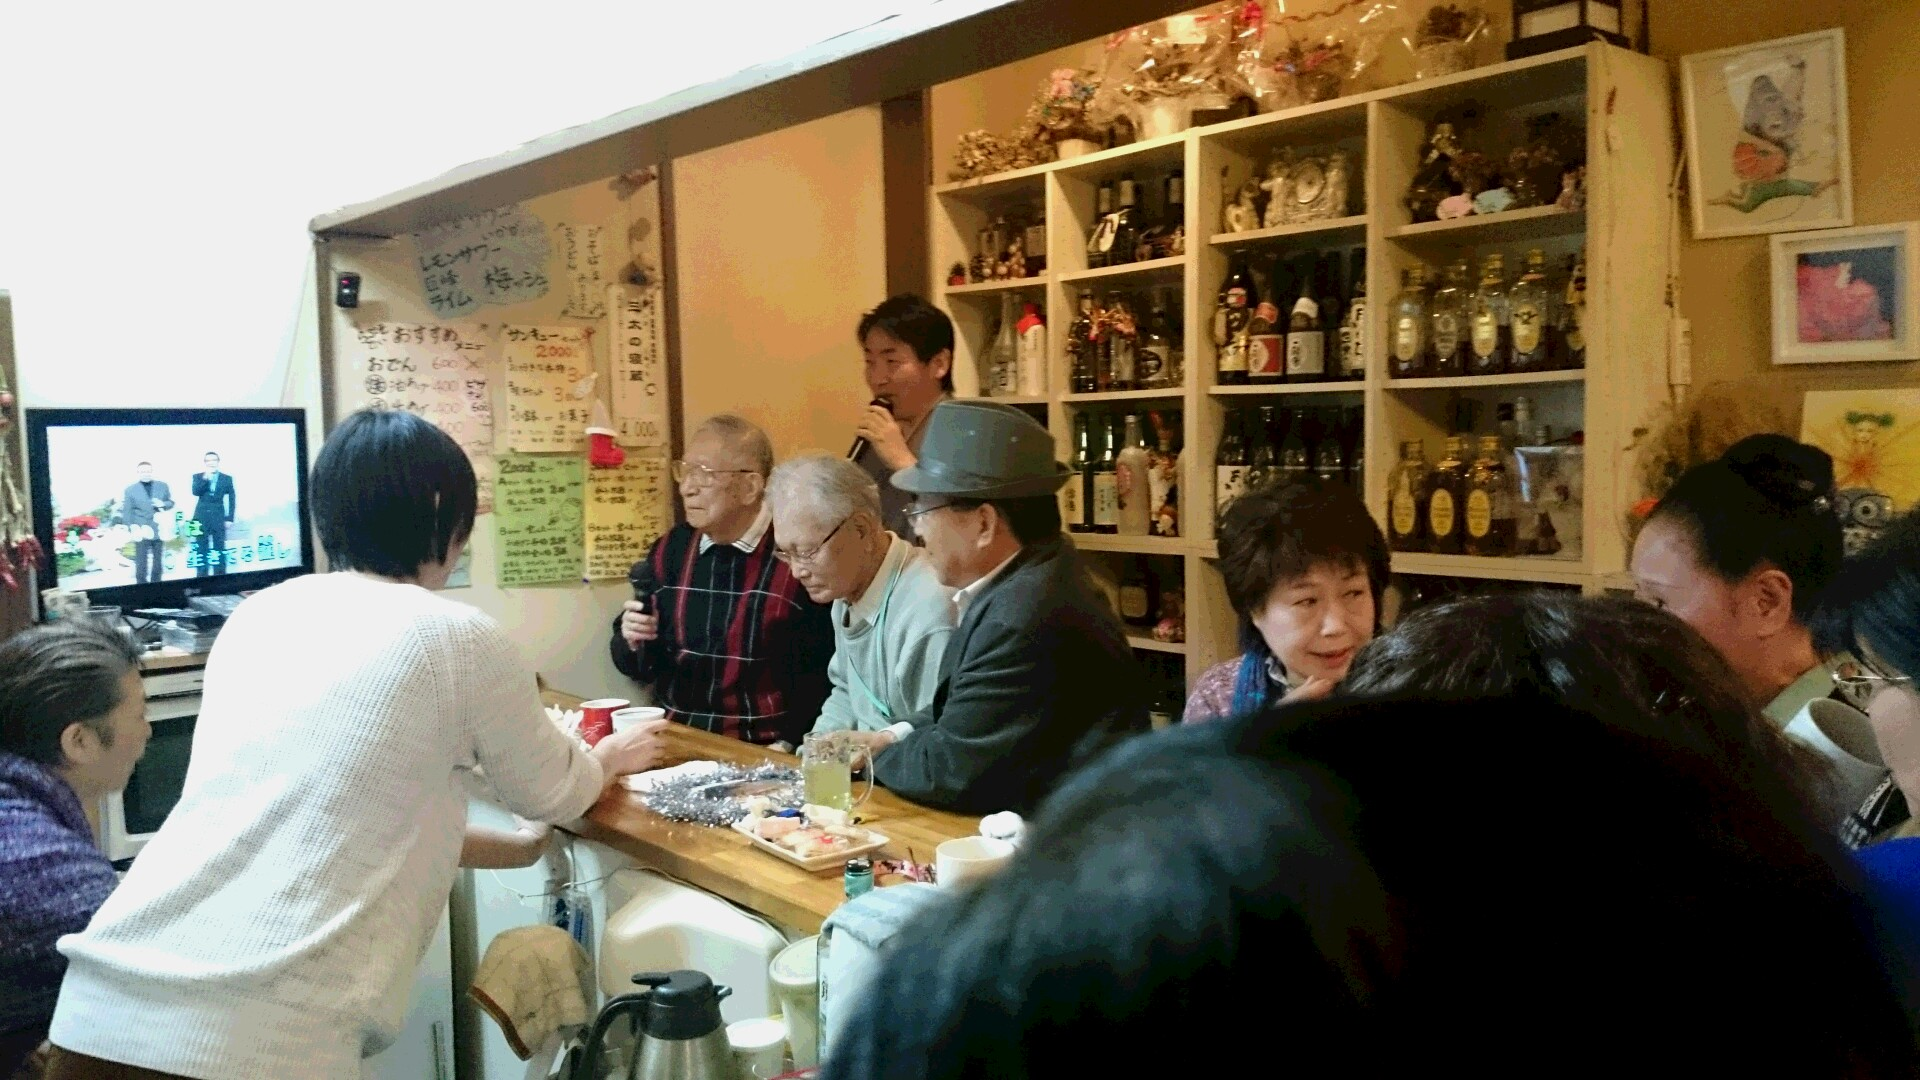 横浜市らふそでぃさんで~_d0051146_0371488.jpg